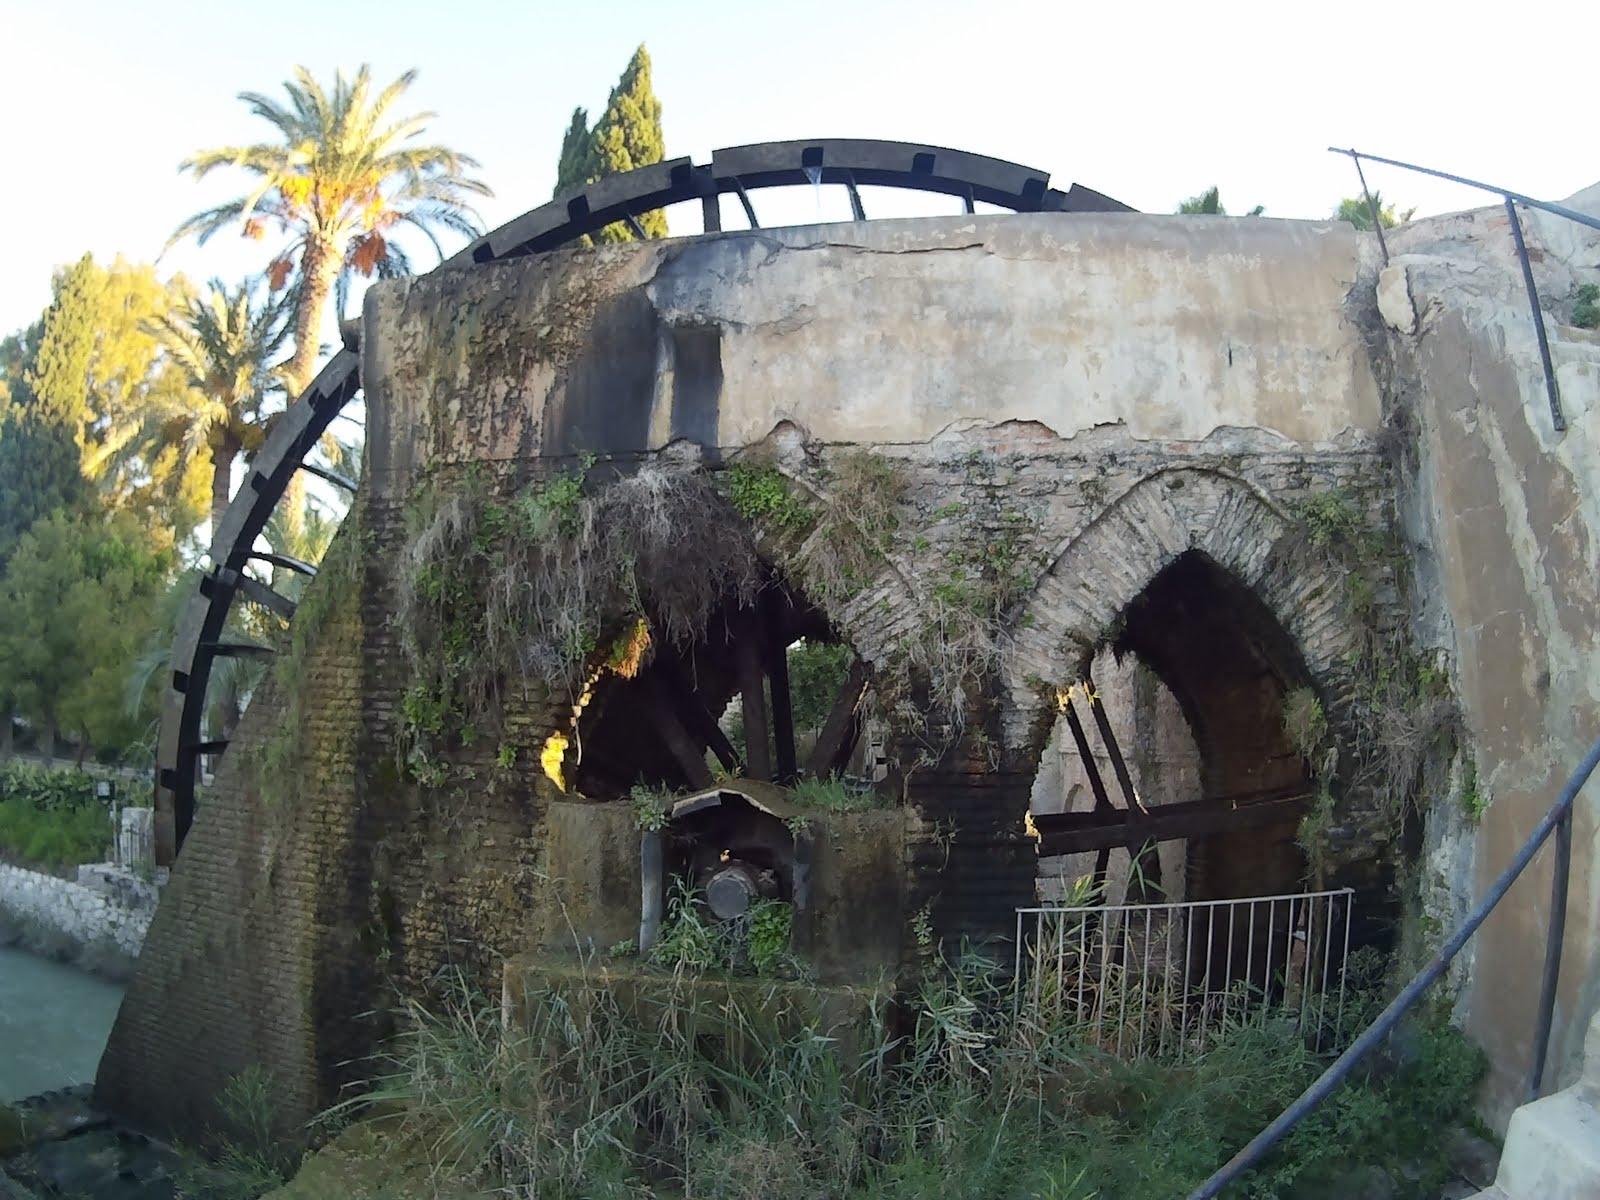 El caminador pr mu 29 sendero de las brujas alcantarilla for Piscina cubierta alcantarilla